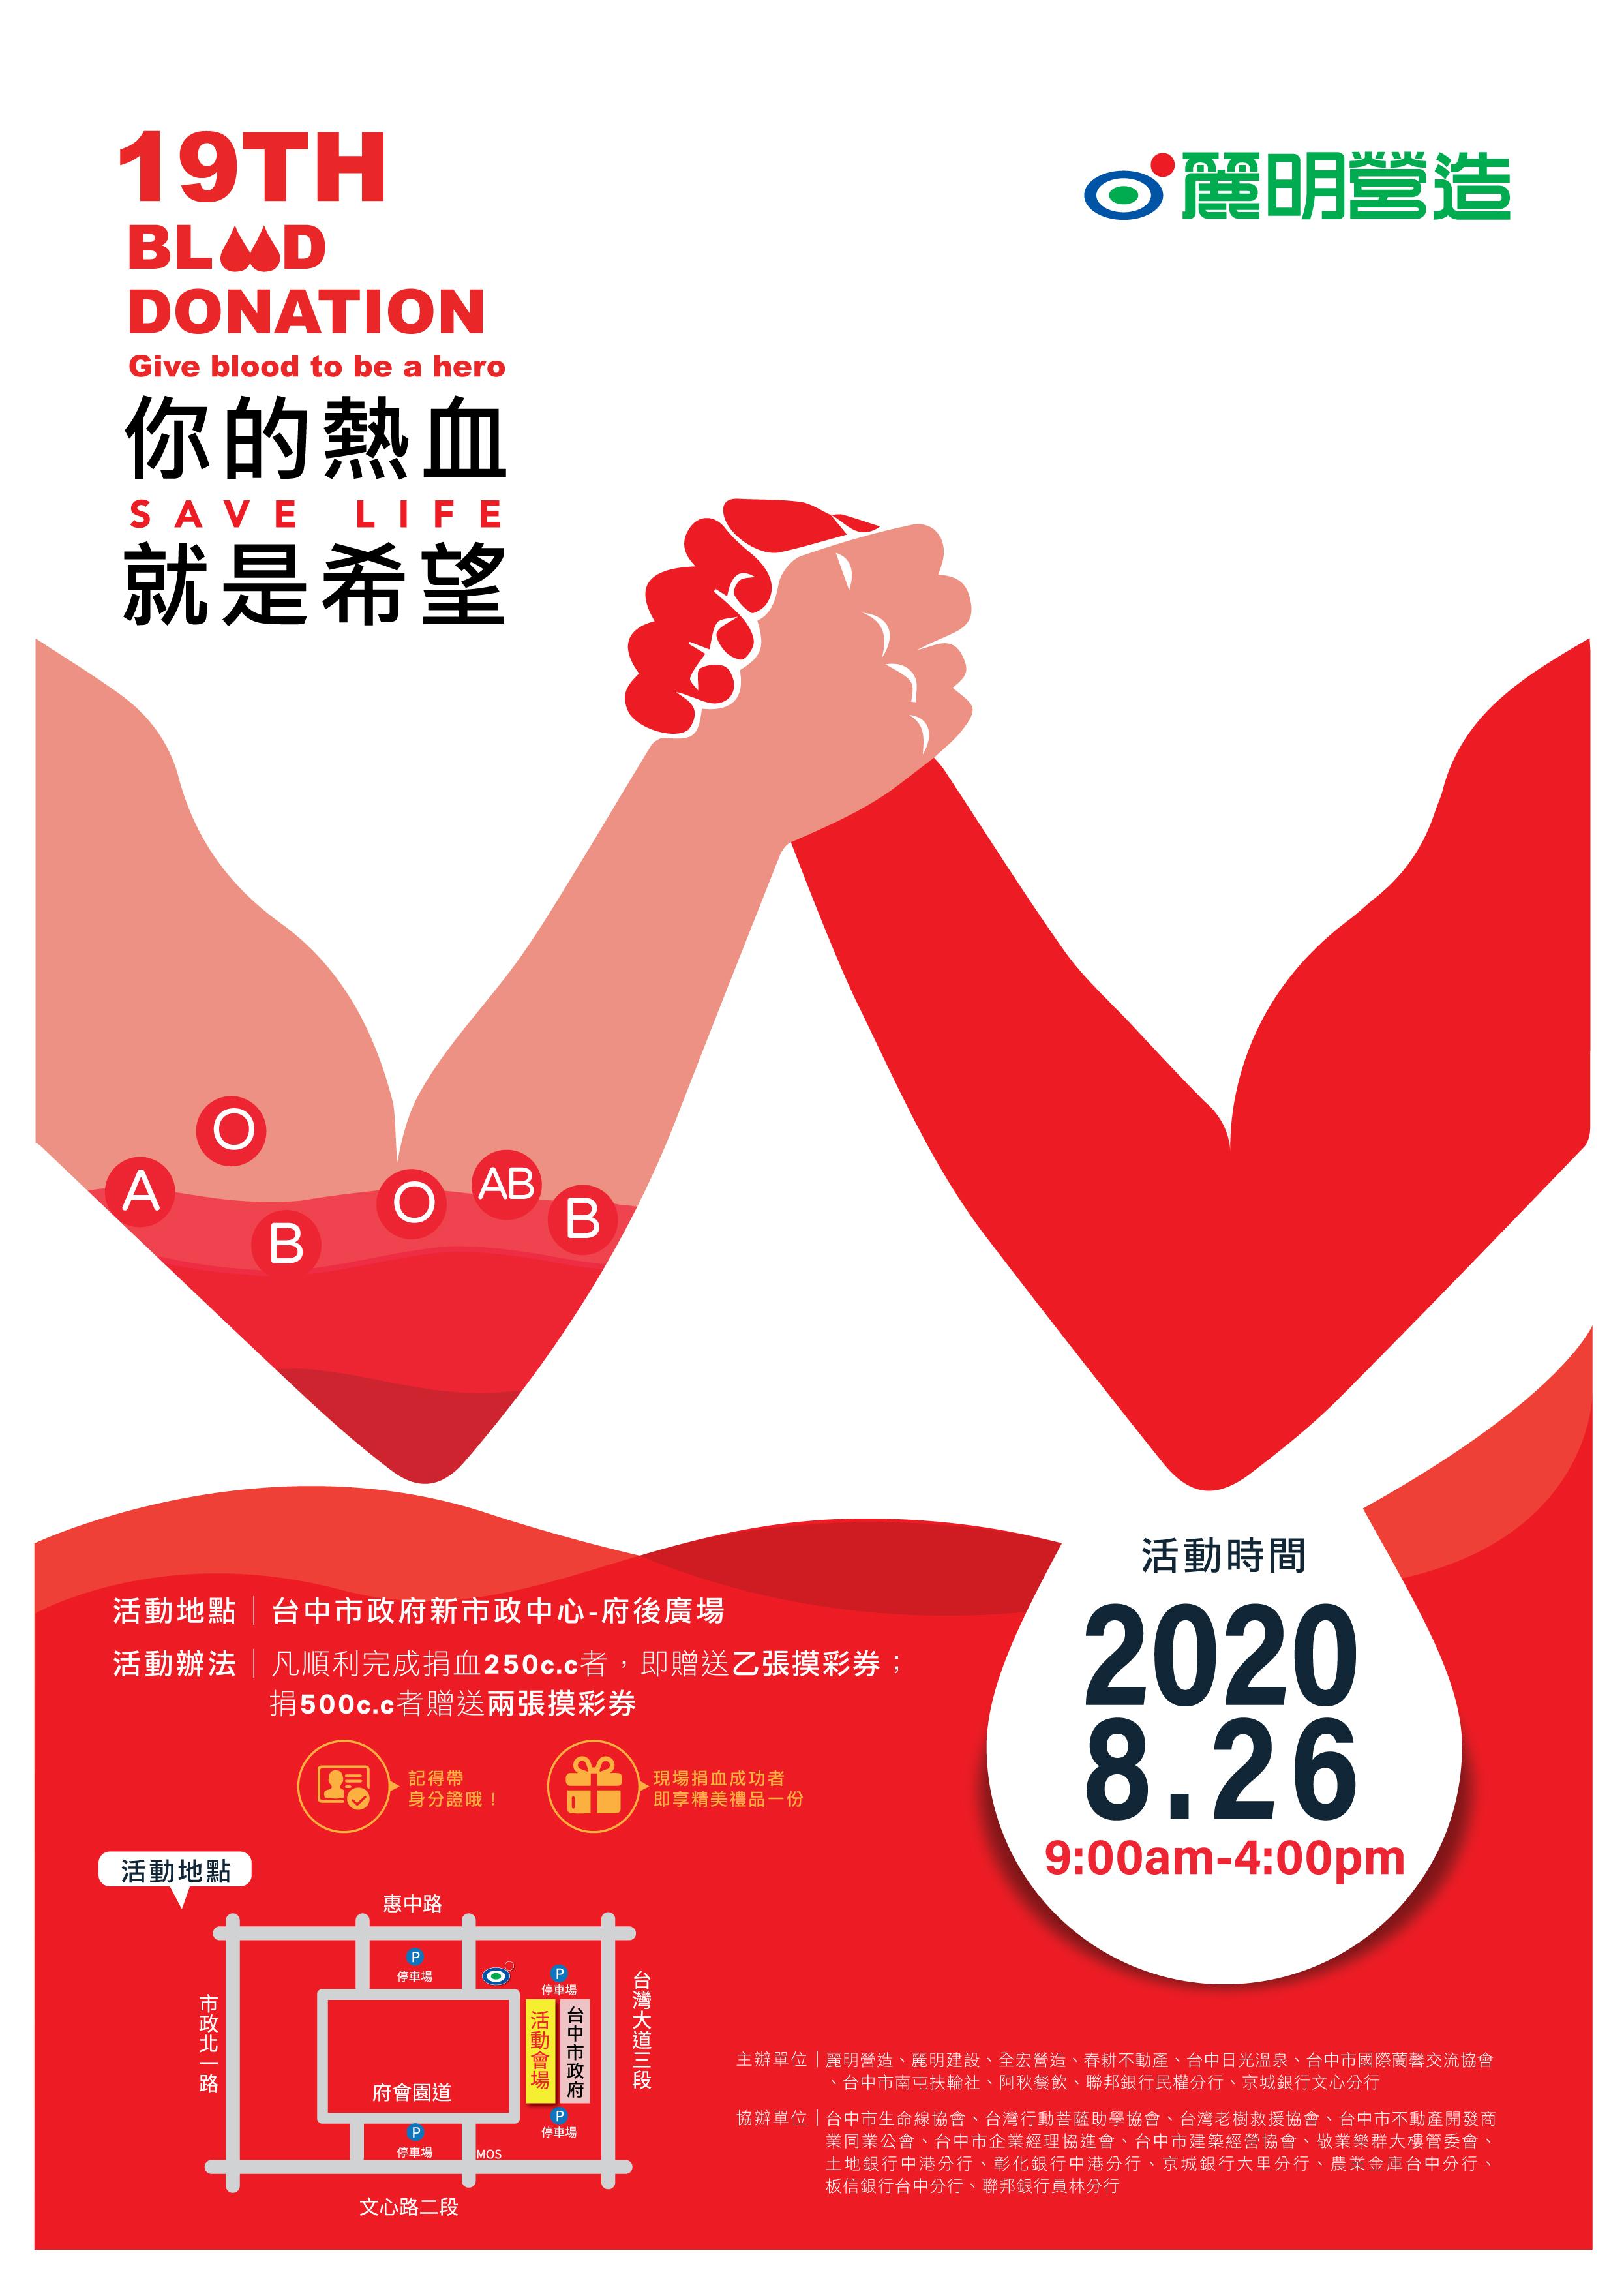 麗明營造第19屆公益捐血將於8月26日舉辦!!